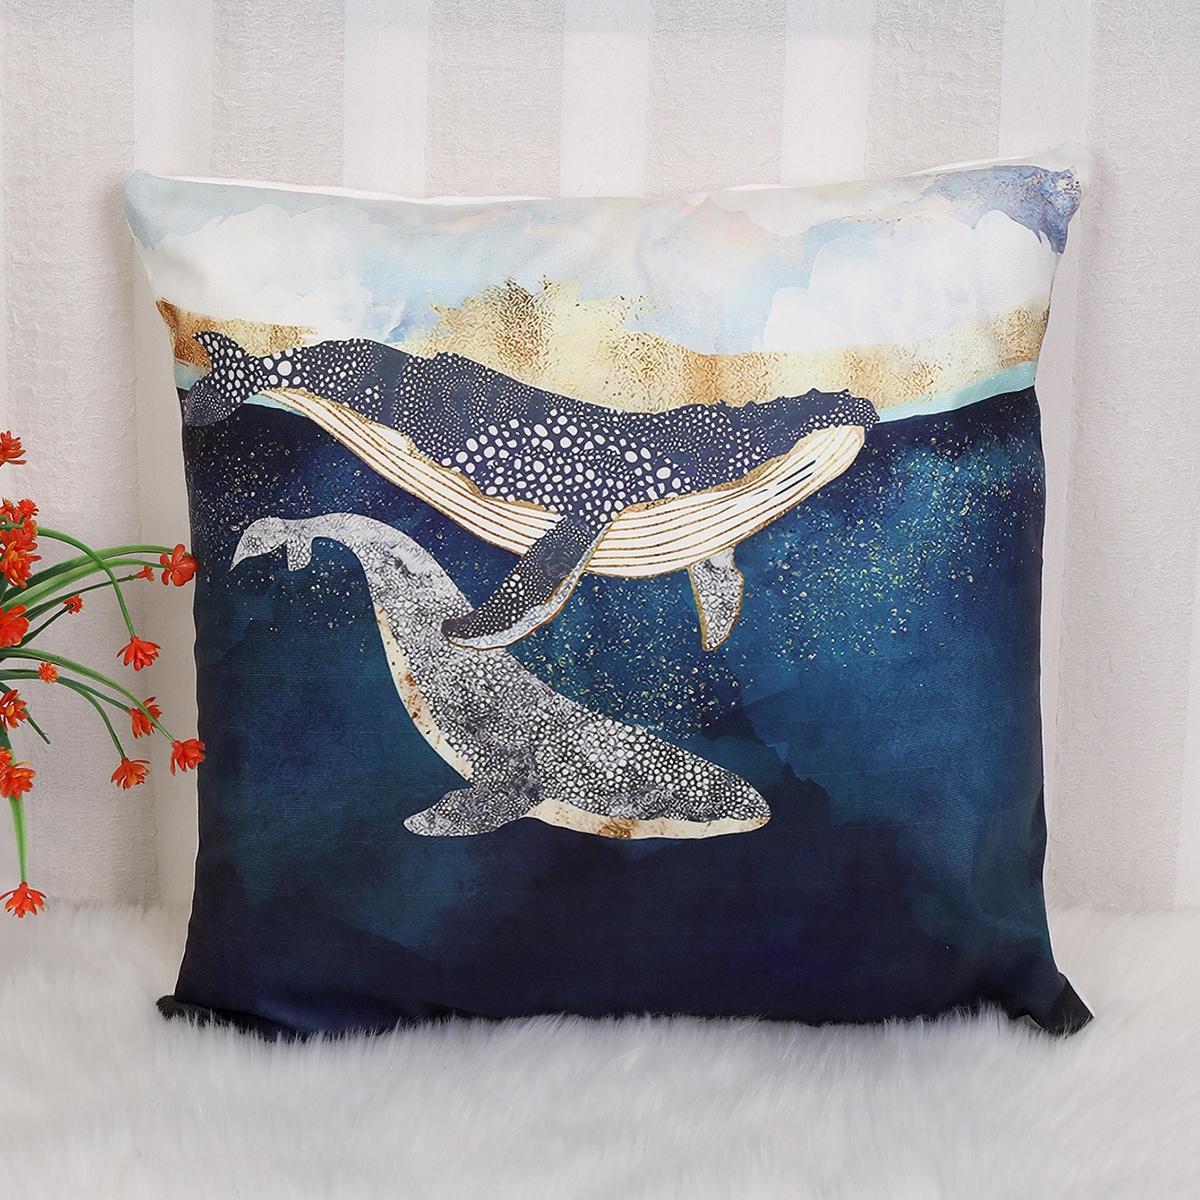 Housse de coussin à imprimé baleine sans bourre